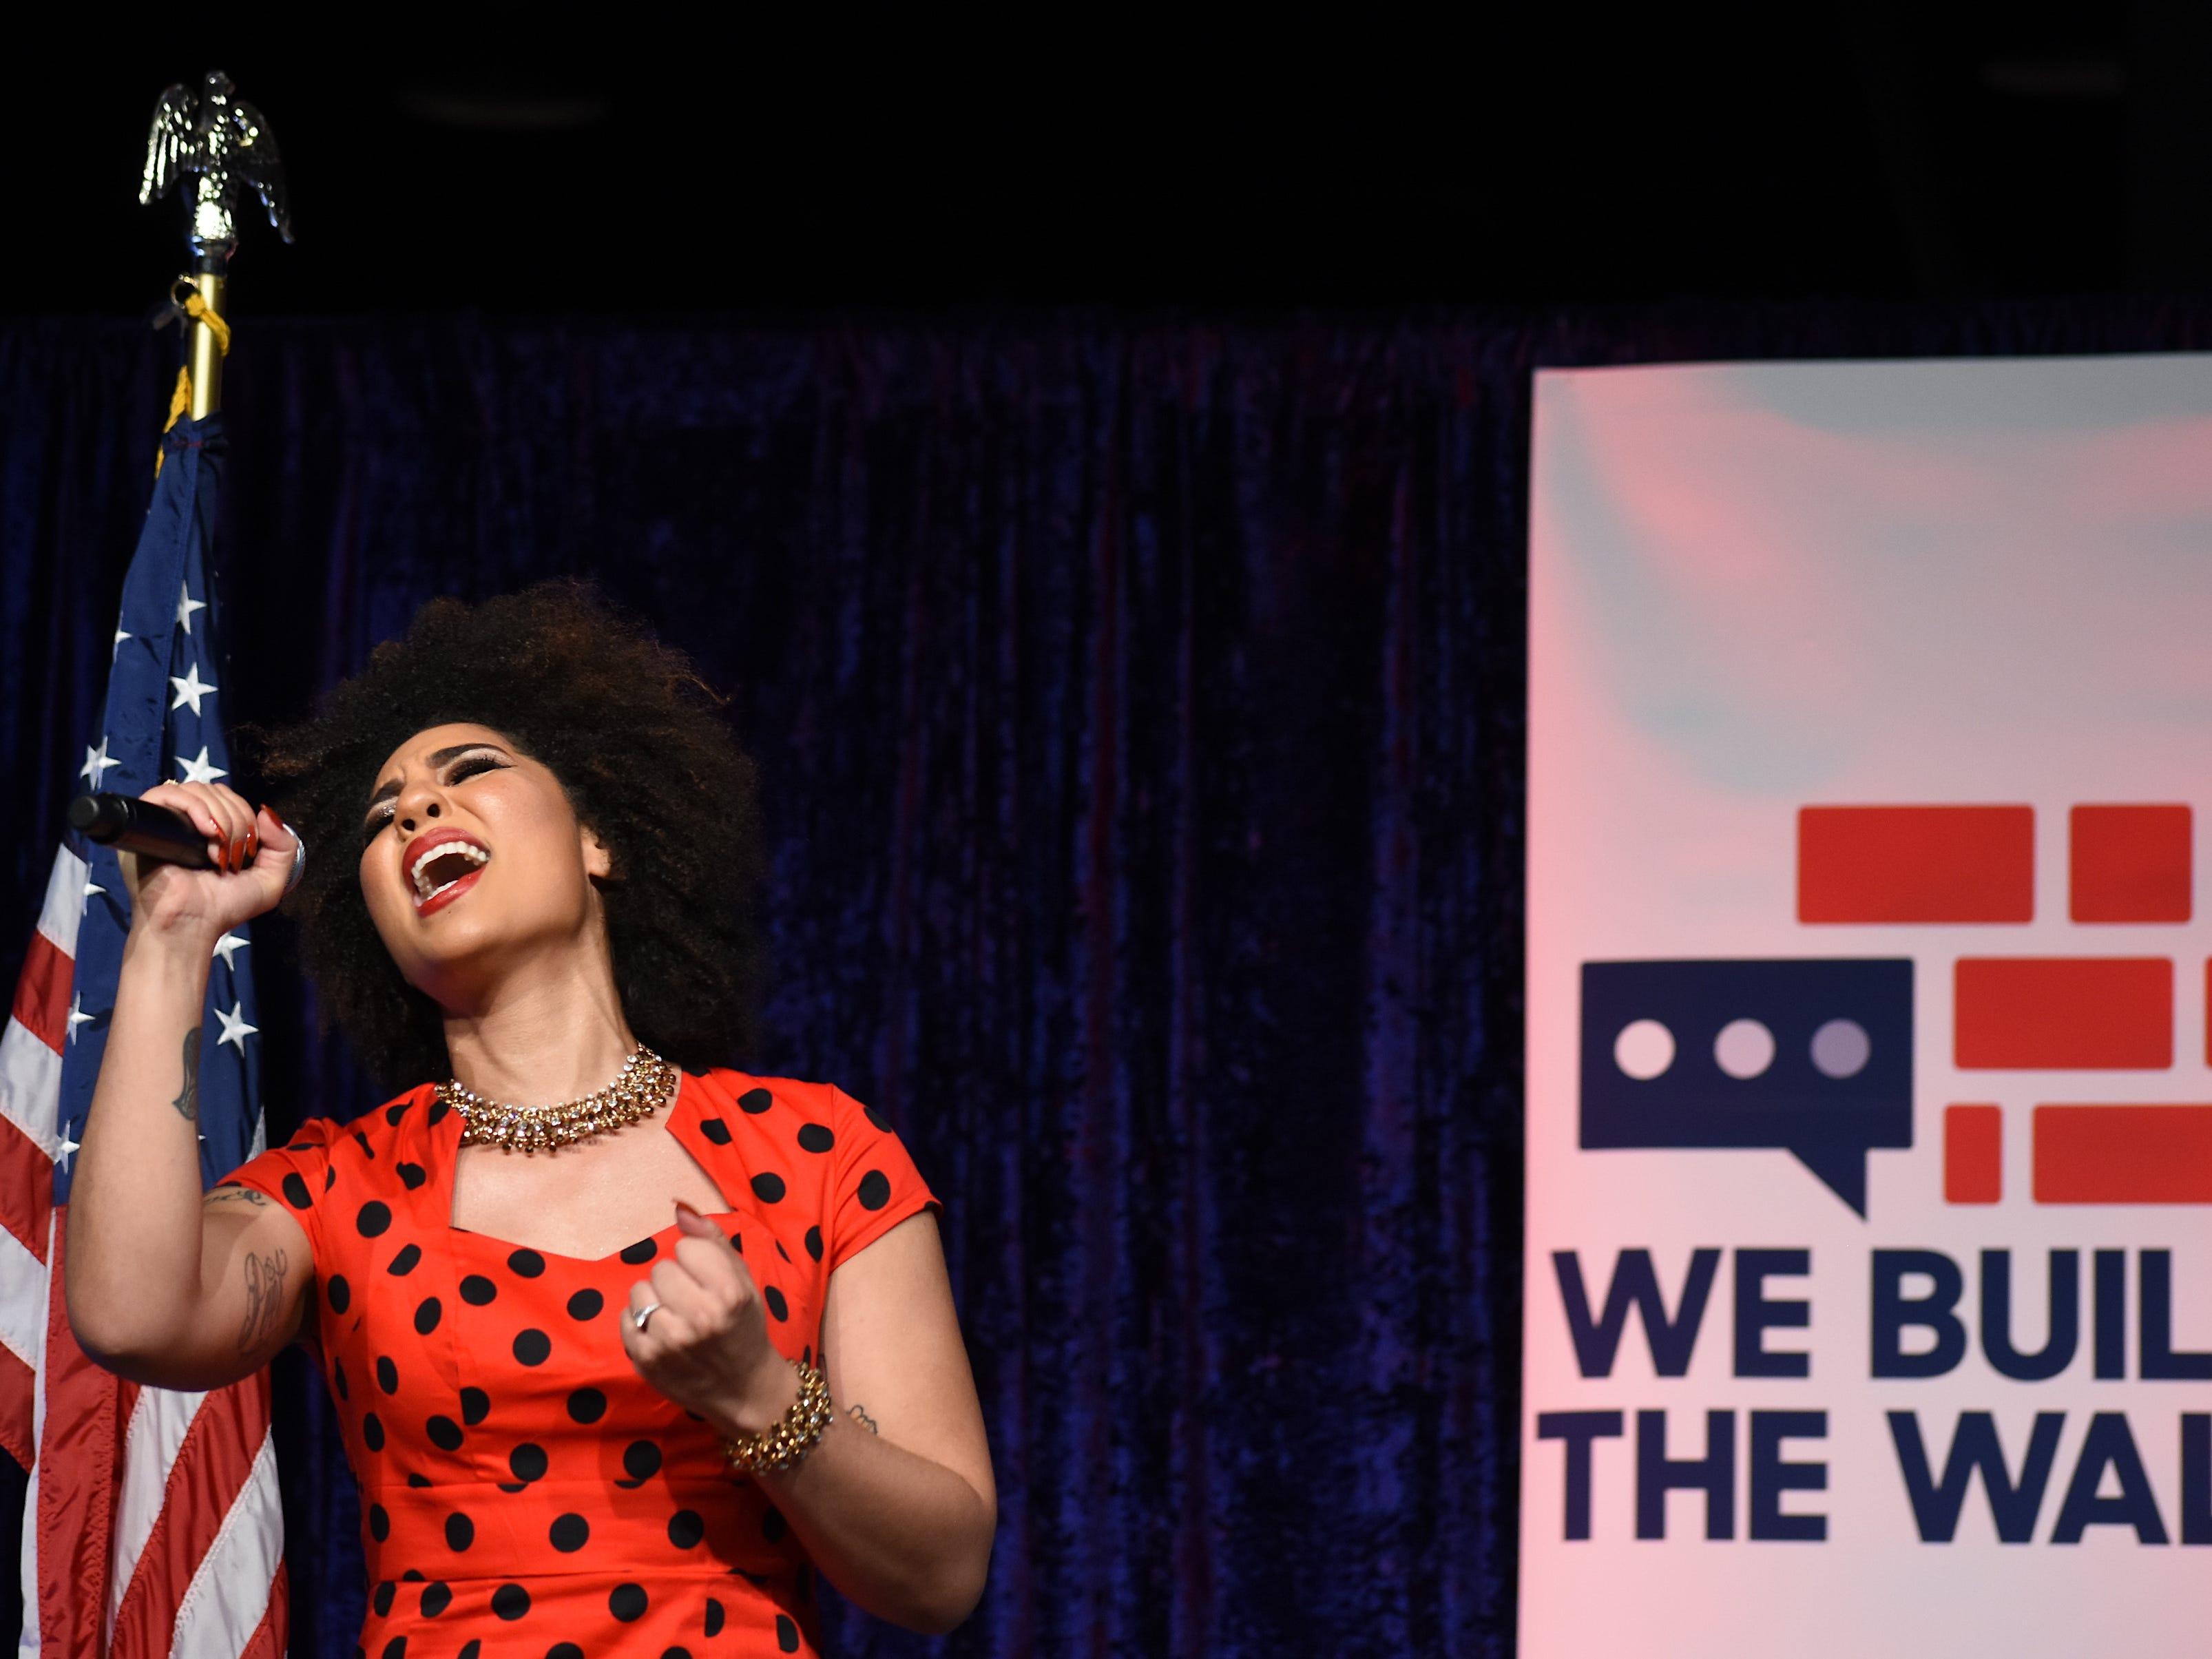 Singer Joy Villa belts out the national anthem.